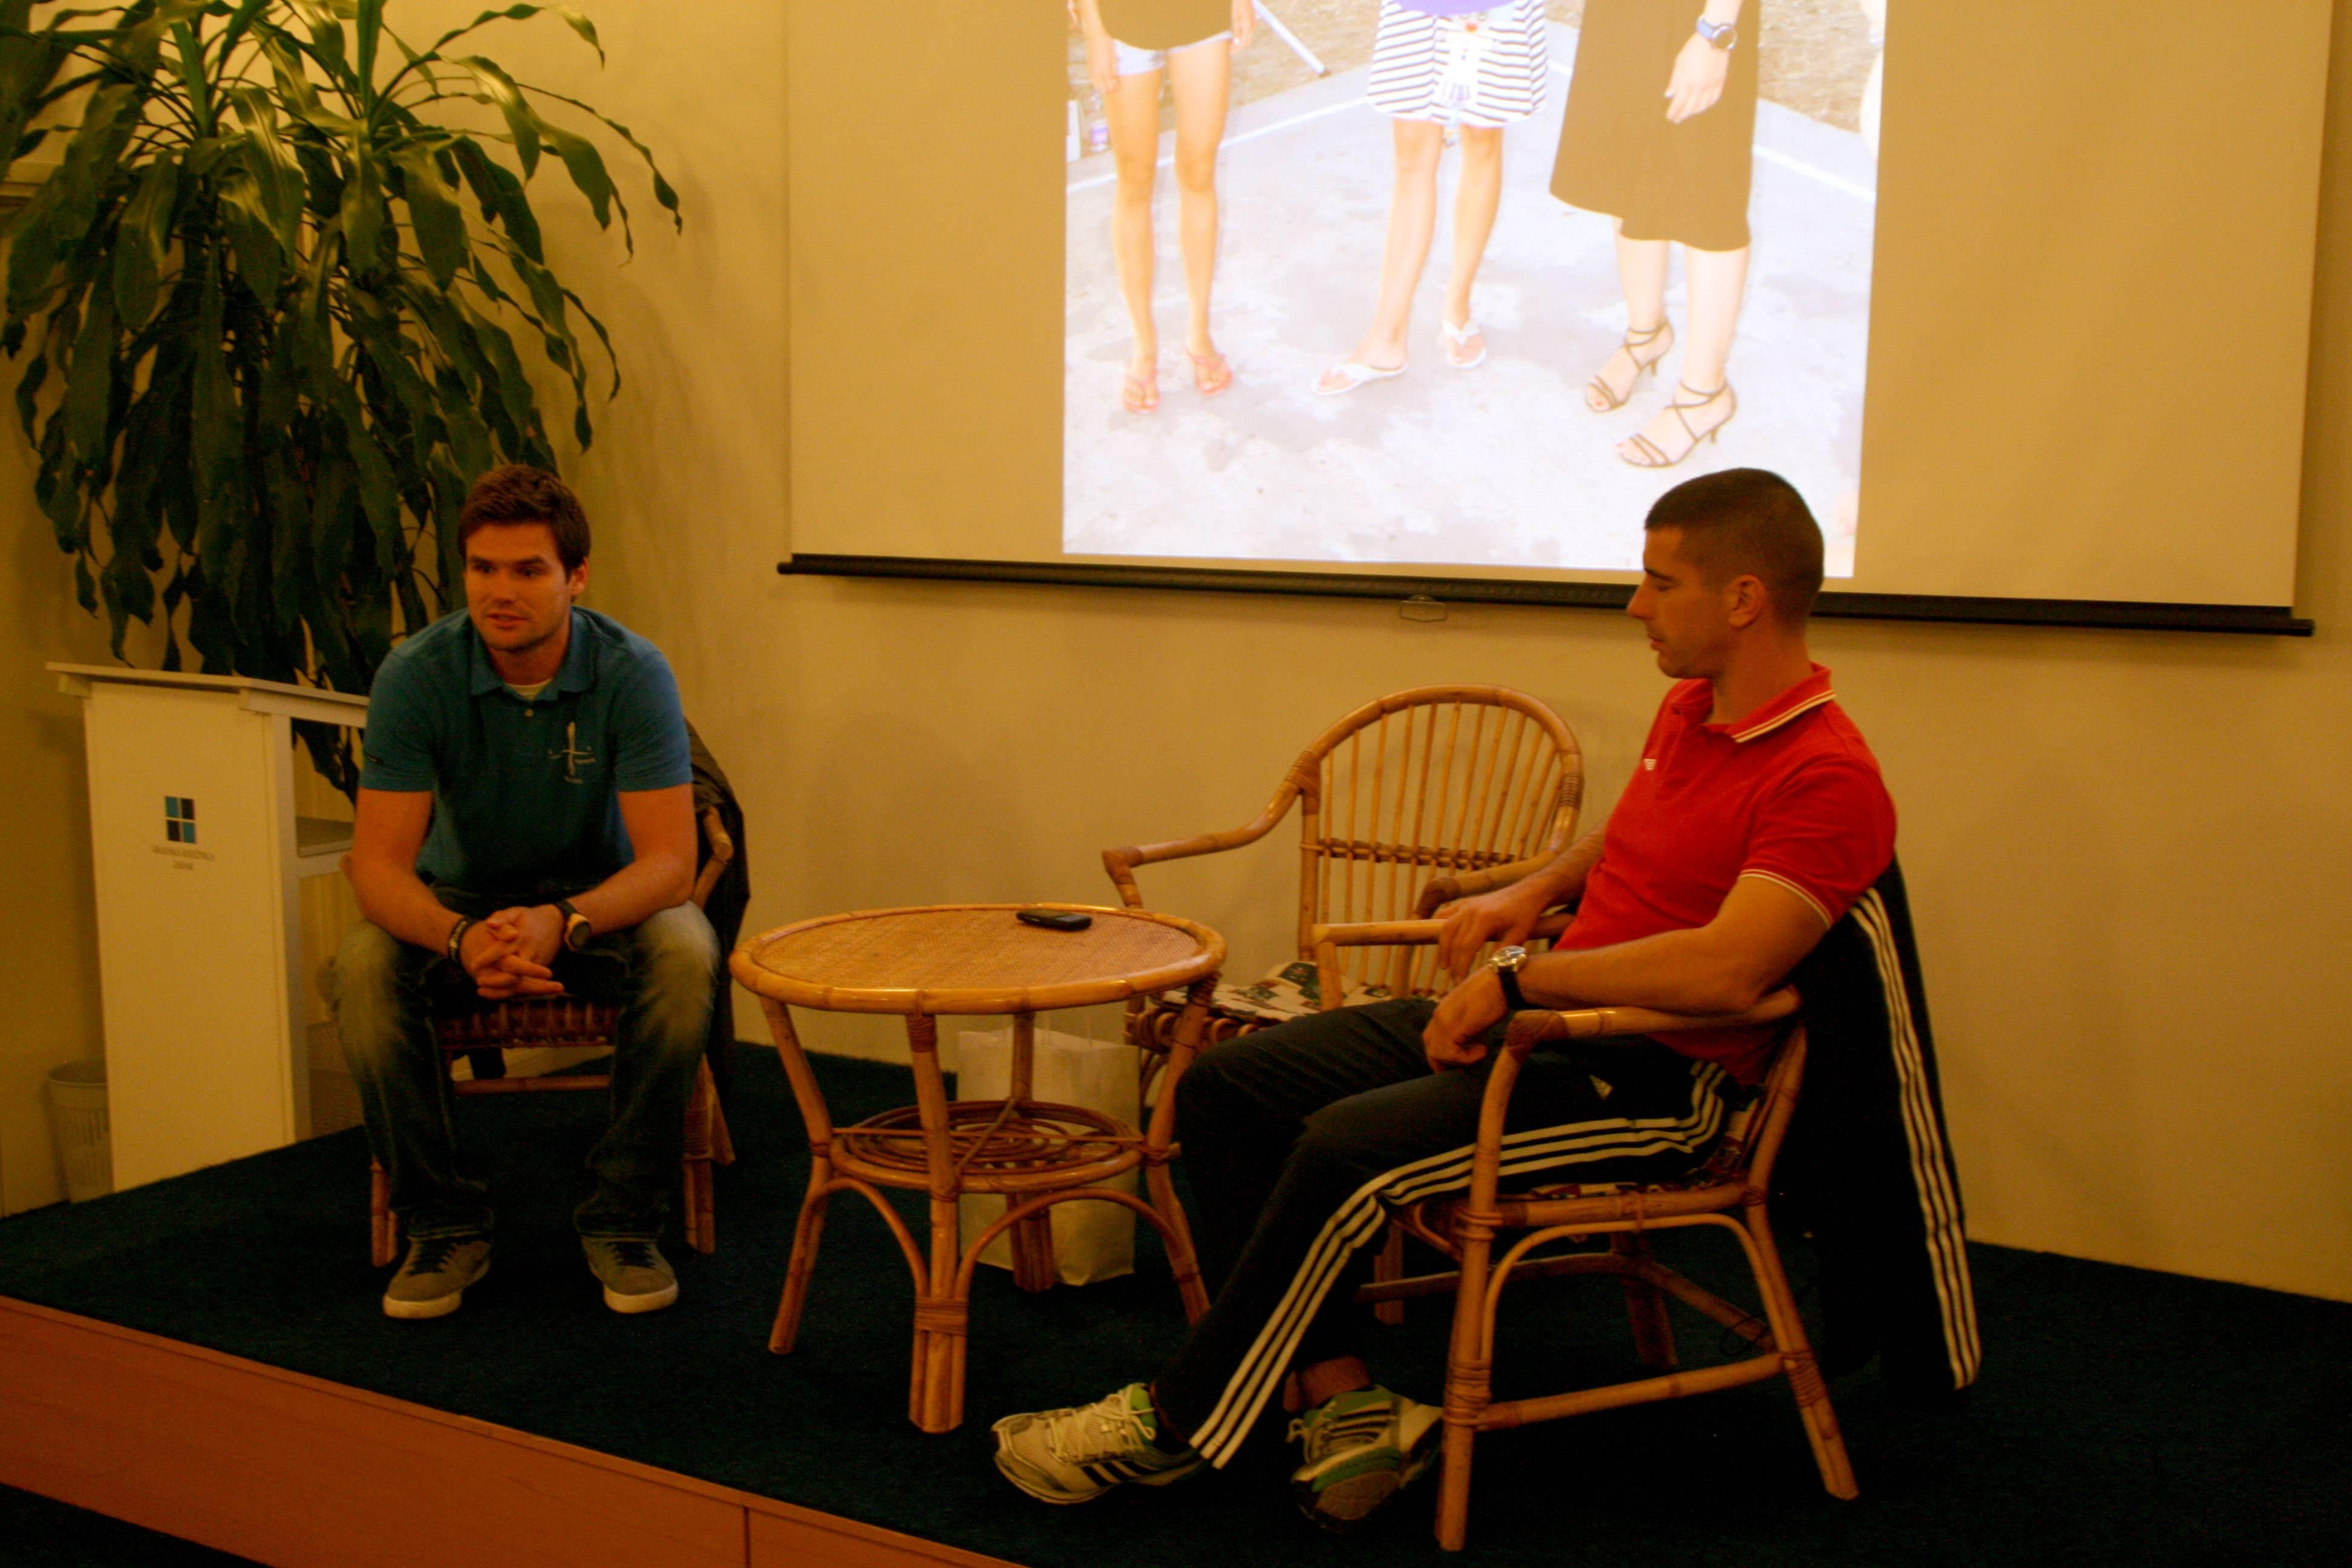 Apnea trening i svjetsko prvenstvo - Nica 2012.